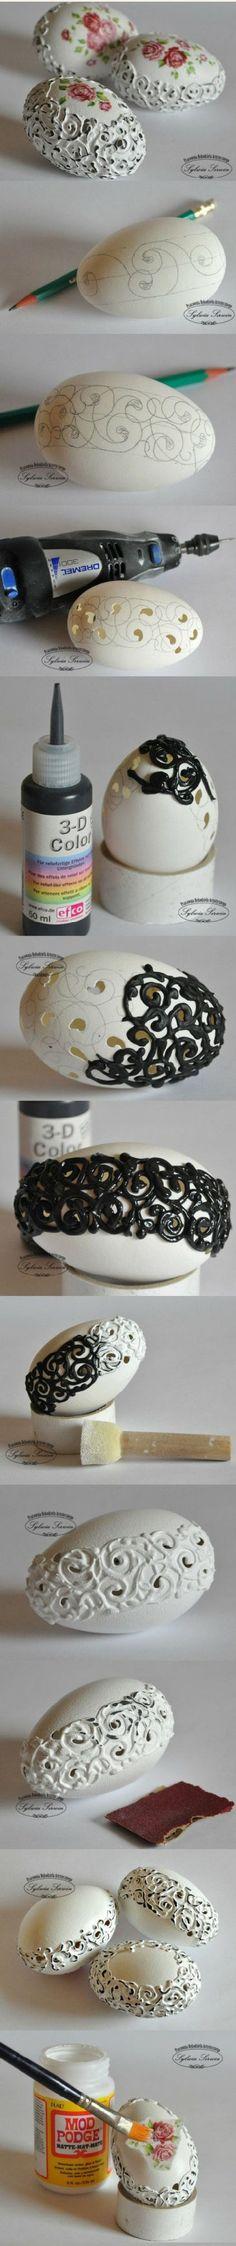 art works on egg shell . stunning